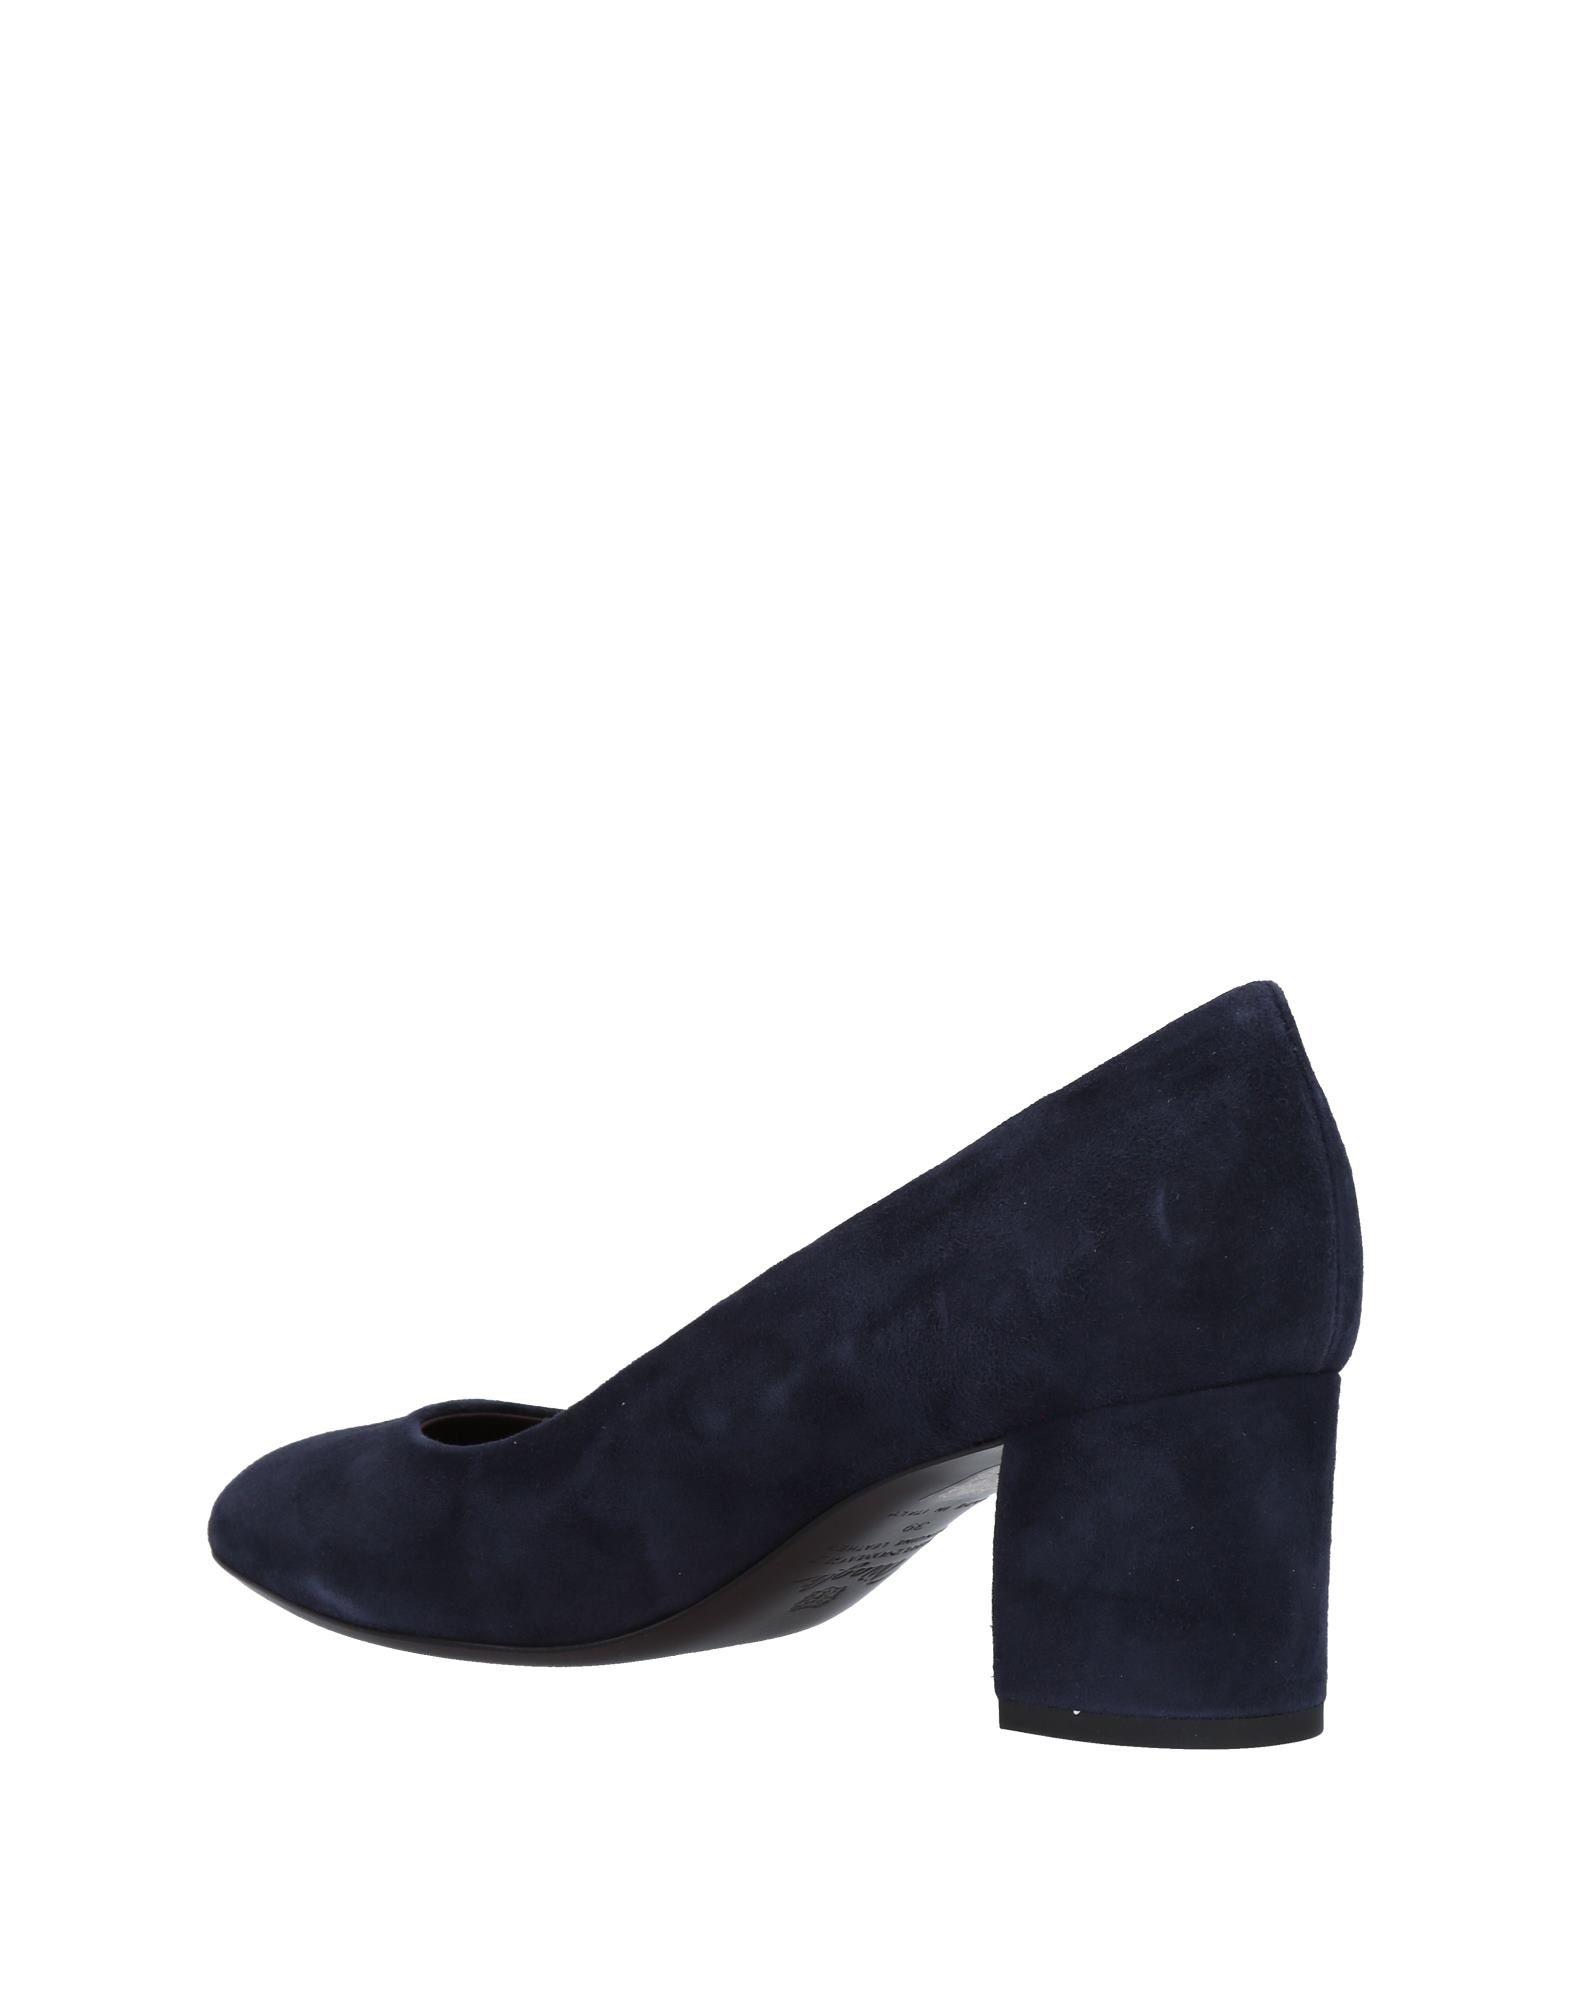 Magli By Bruno Magli Pumps Damen Schuhe  11490536KWGut aussehende strapazierfähige Schuhe Damen b48307